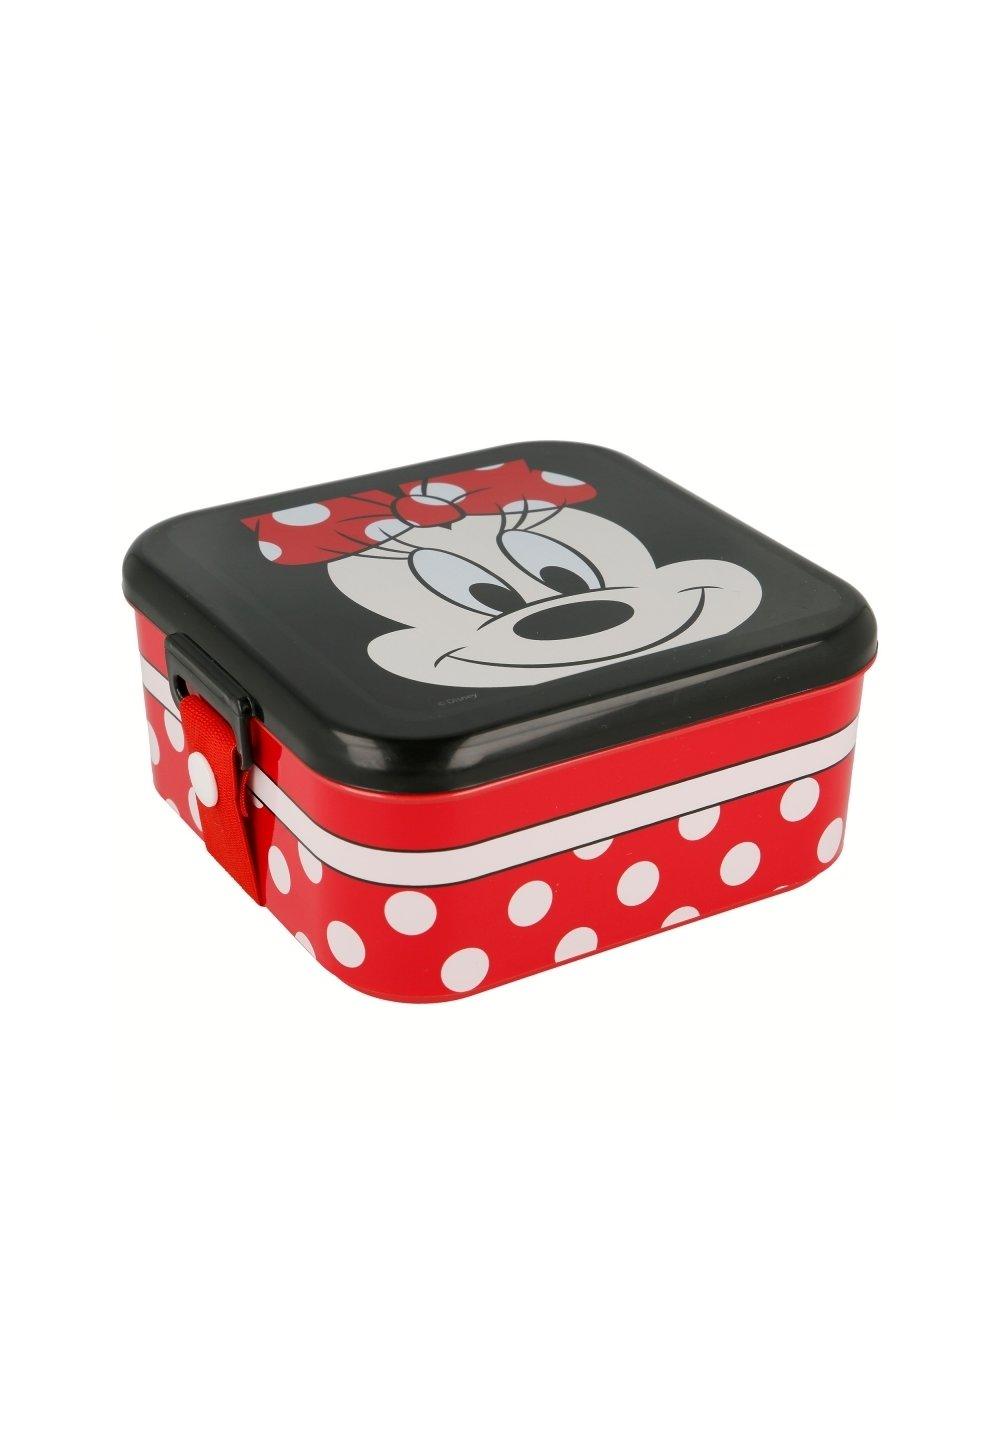 Cutie alimentara, rosie cu buline albe, Minnie Mouse imagine